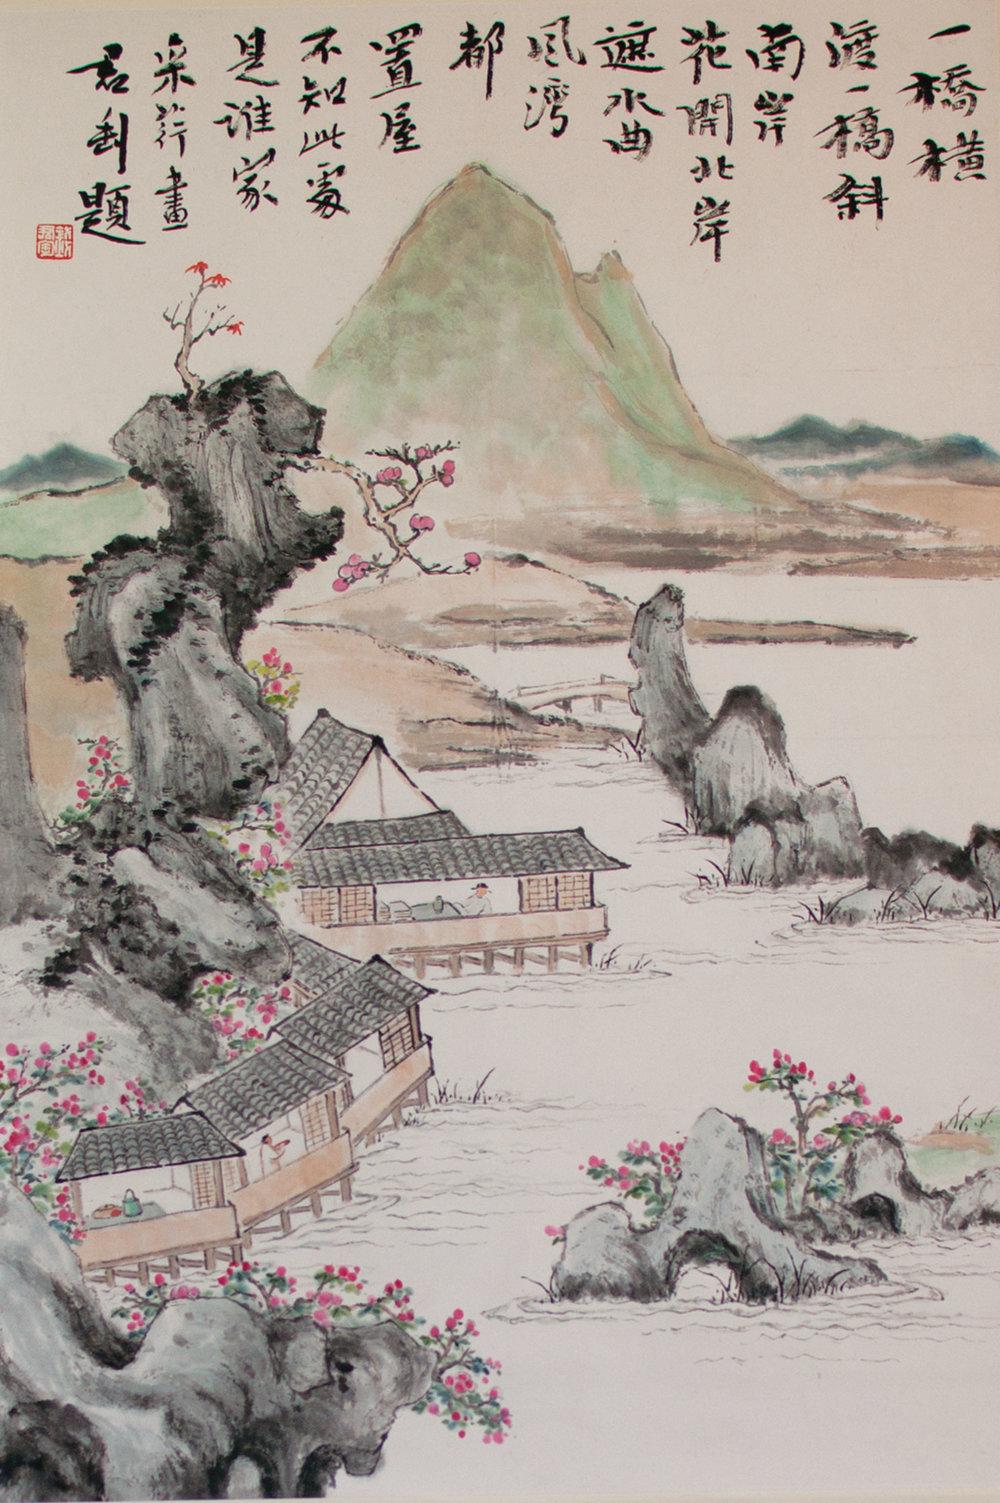 章翠英女士繪製的中國山水畫《天水緲》,意境悠遠出塵。